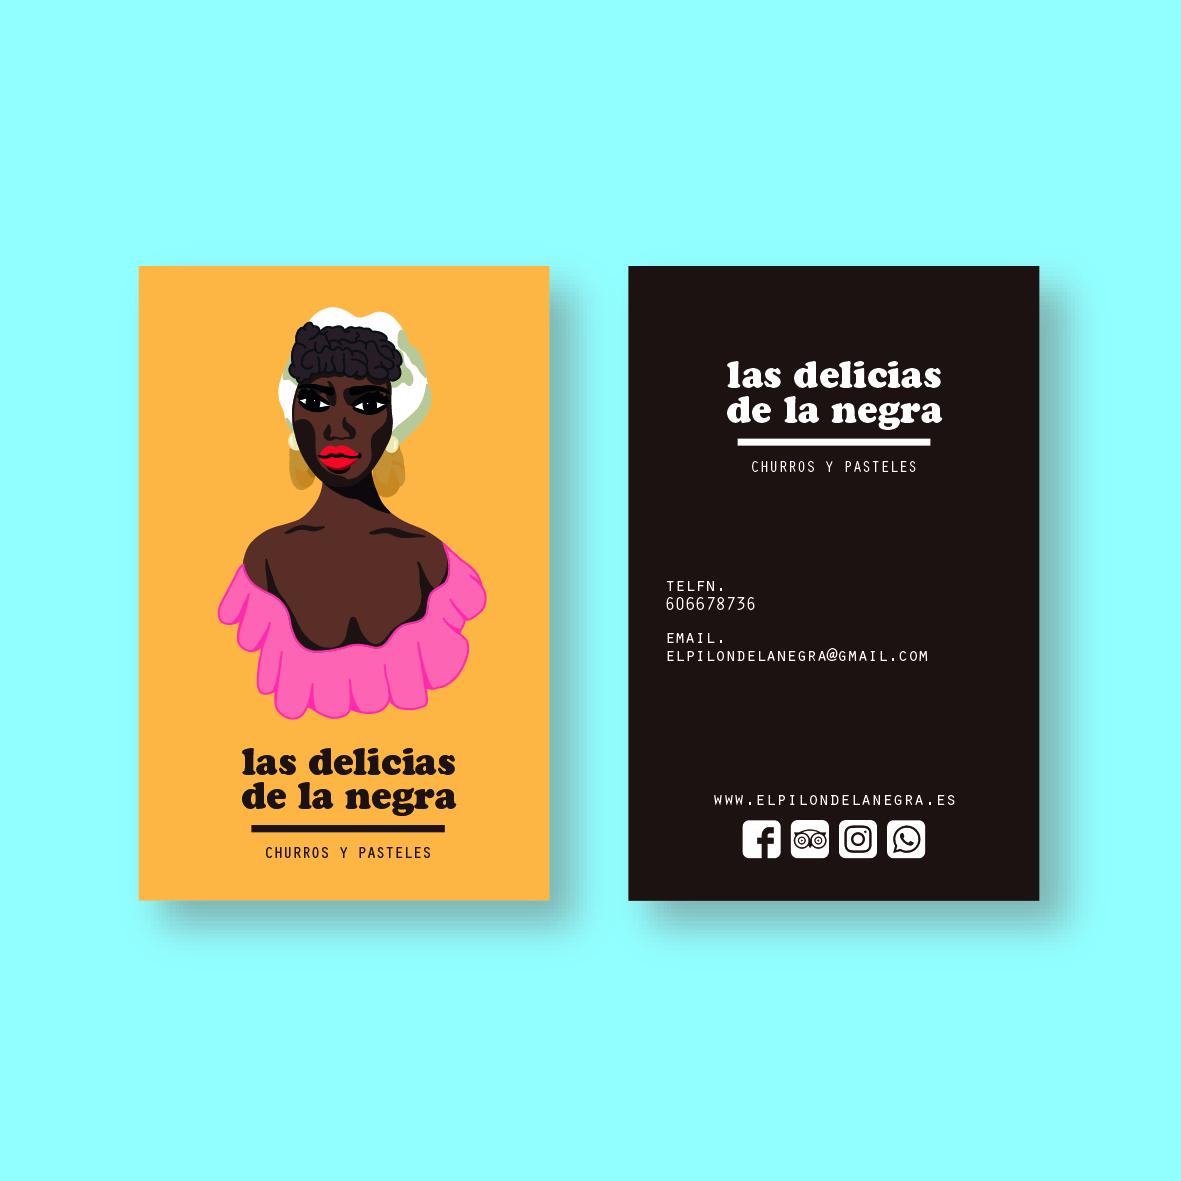 Las delicias de la negra_tarjeta visita